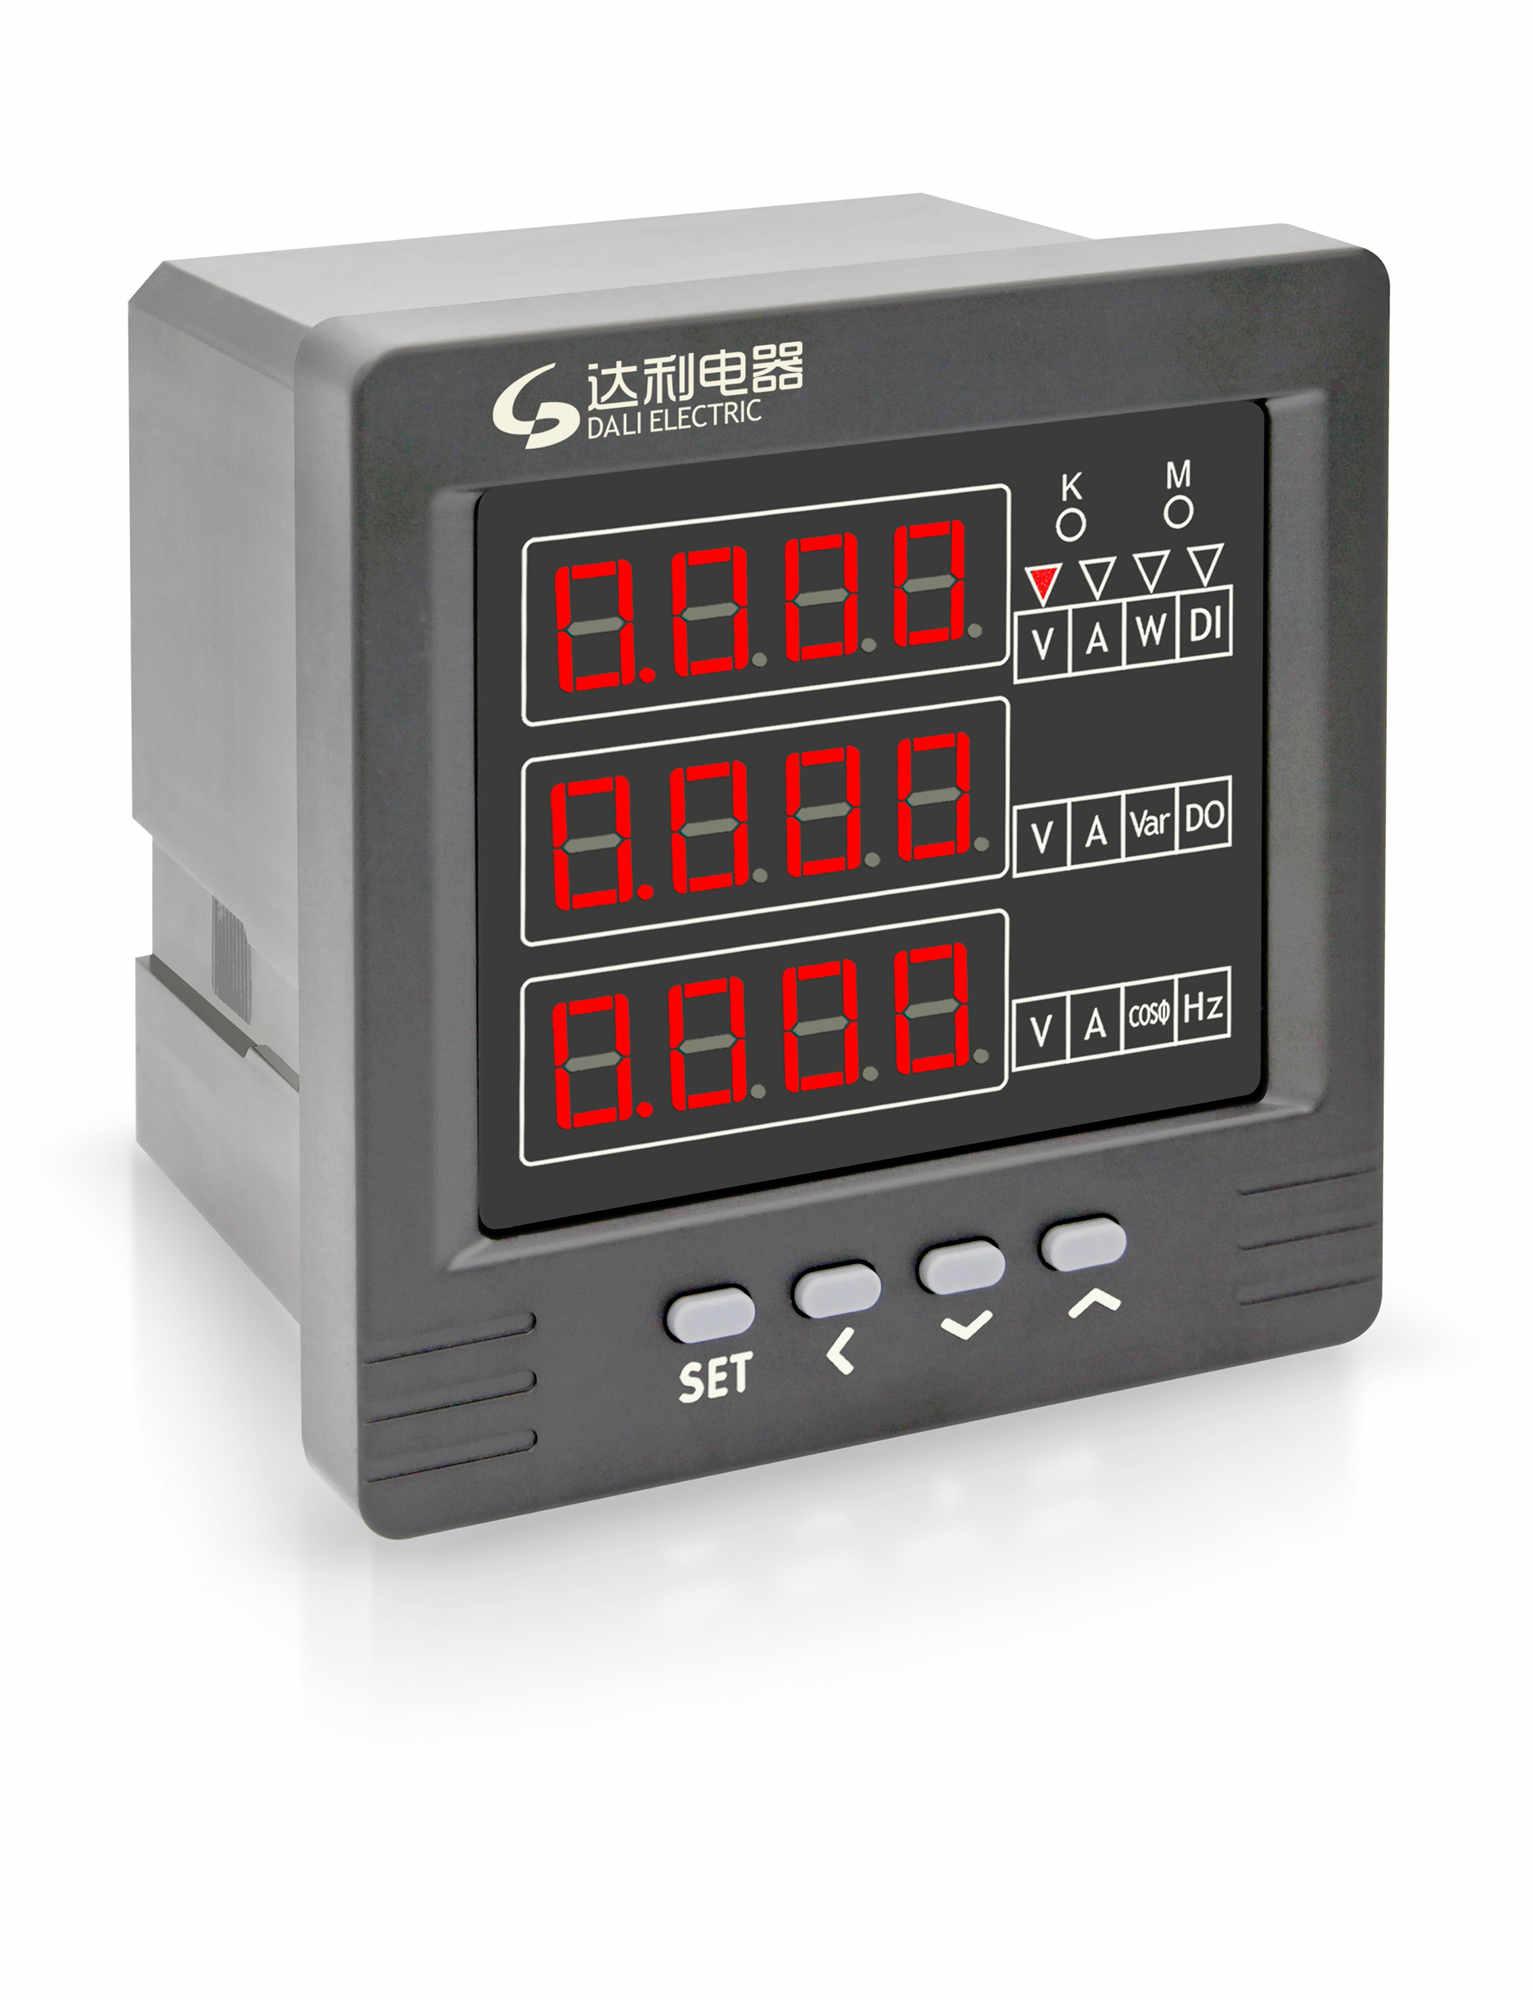 贵州黔西南DBL-AP14-40-400V电容器电抗器组件优质商家